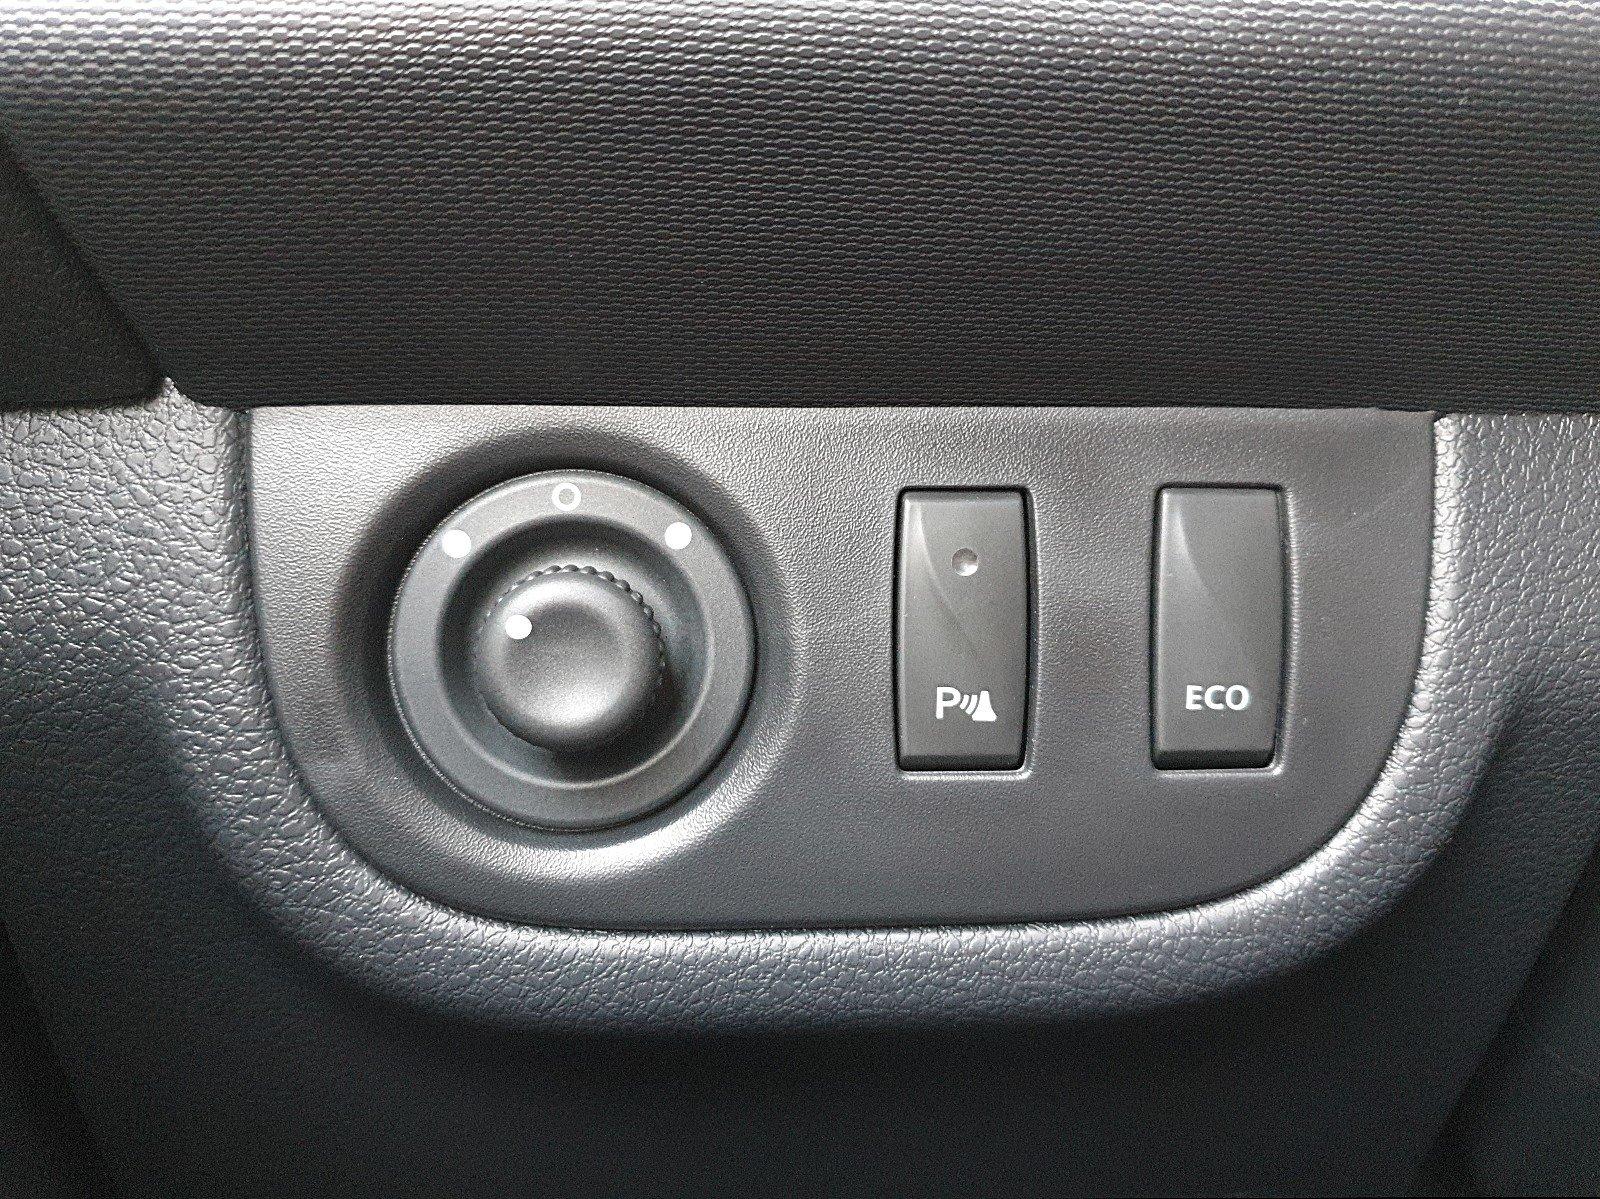 DACIA SANDERO Stepway 0.9 TCE 90PS Prestige Klimaautomatik Navi PDC DAB Viscaal Fahrzeuggrosshandel GmbH, D-49847 Itterbeck